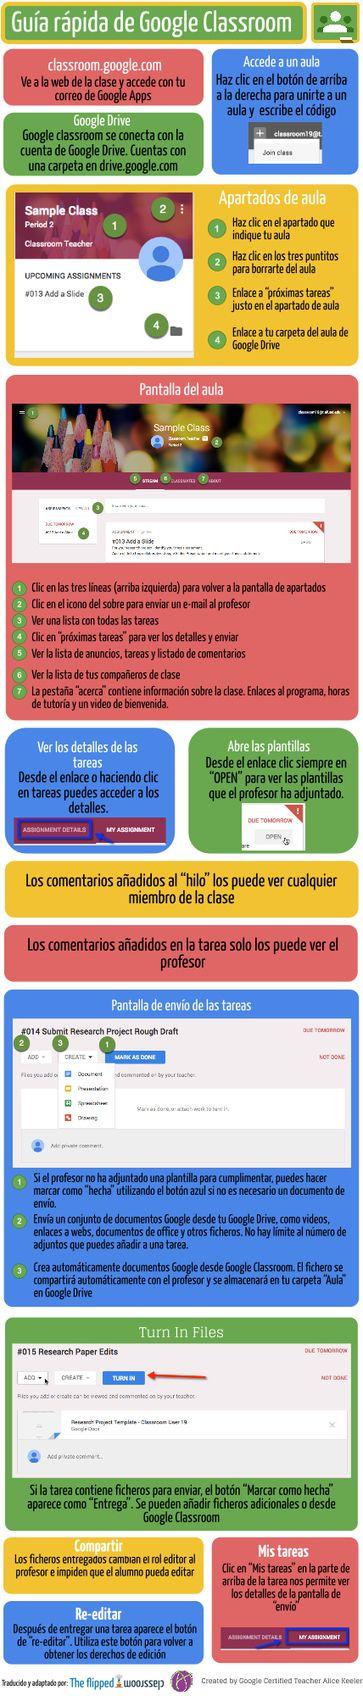 Guía rápida de Google Classroom #infografia #infographic #education | TICs para los de LETRAS | Scoop.it